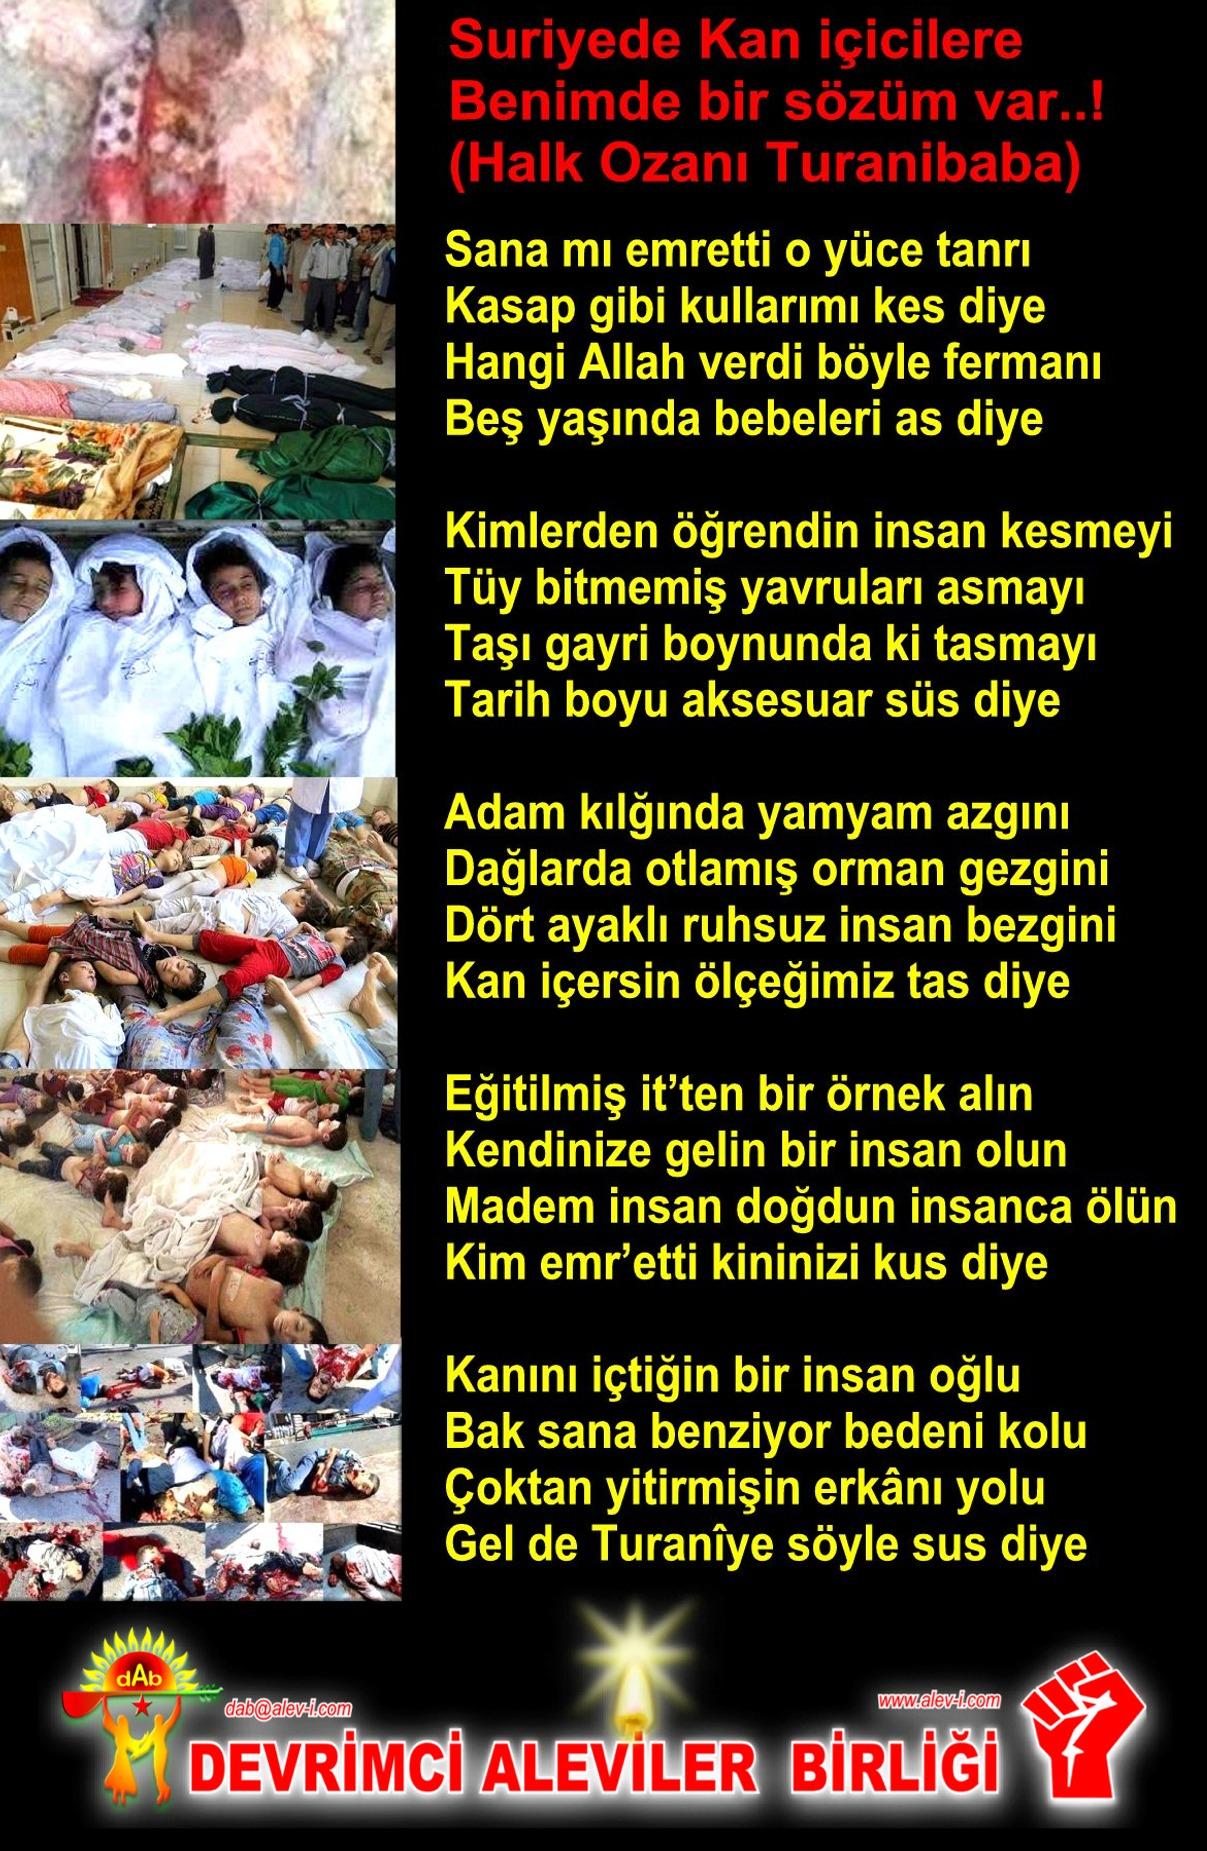 Alevi Bektaşi Kızılbaş Pir Sultan Devrimci Aleviler Birliği DAB cocoukas